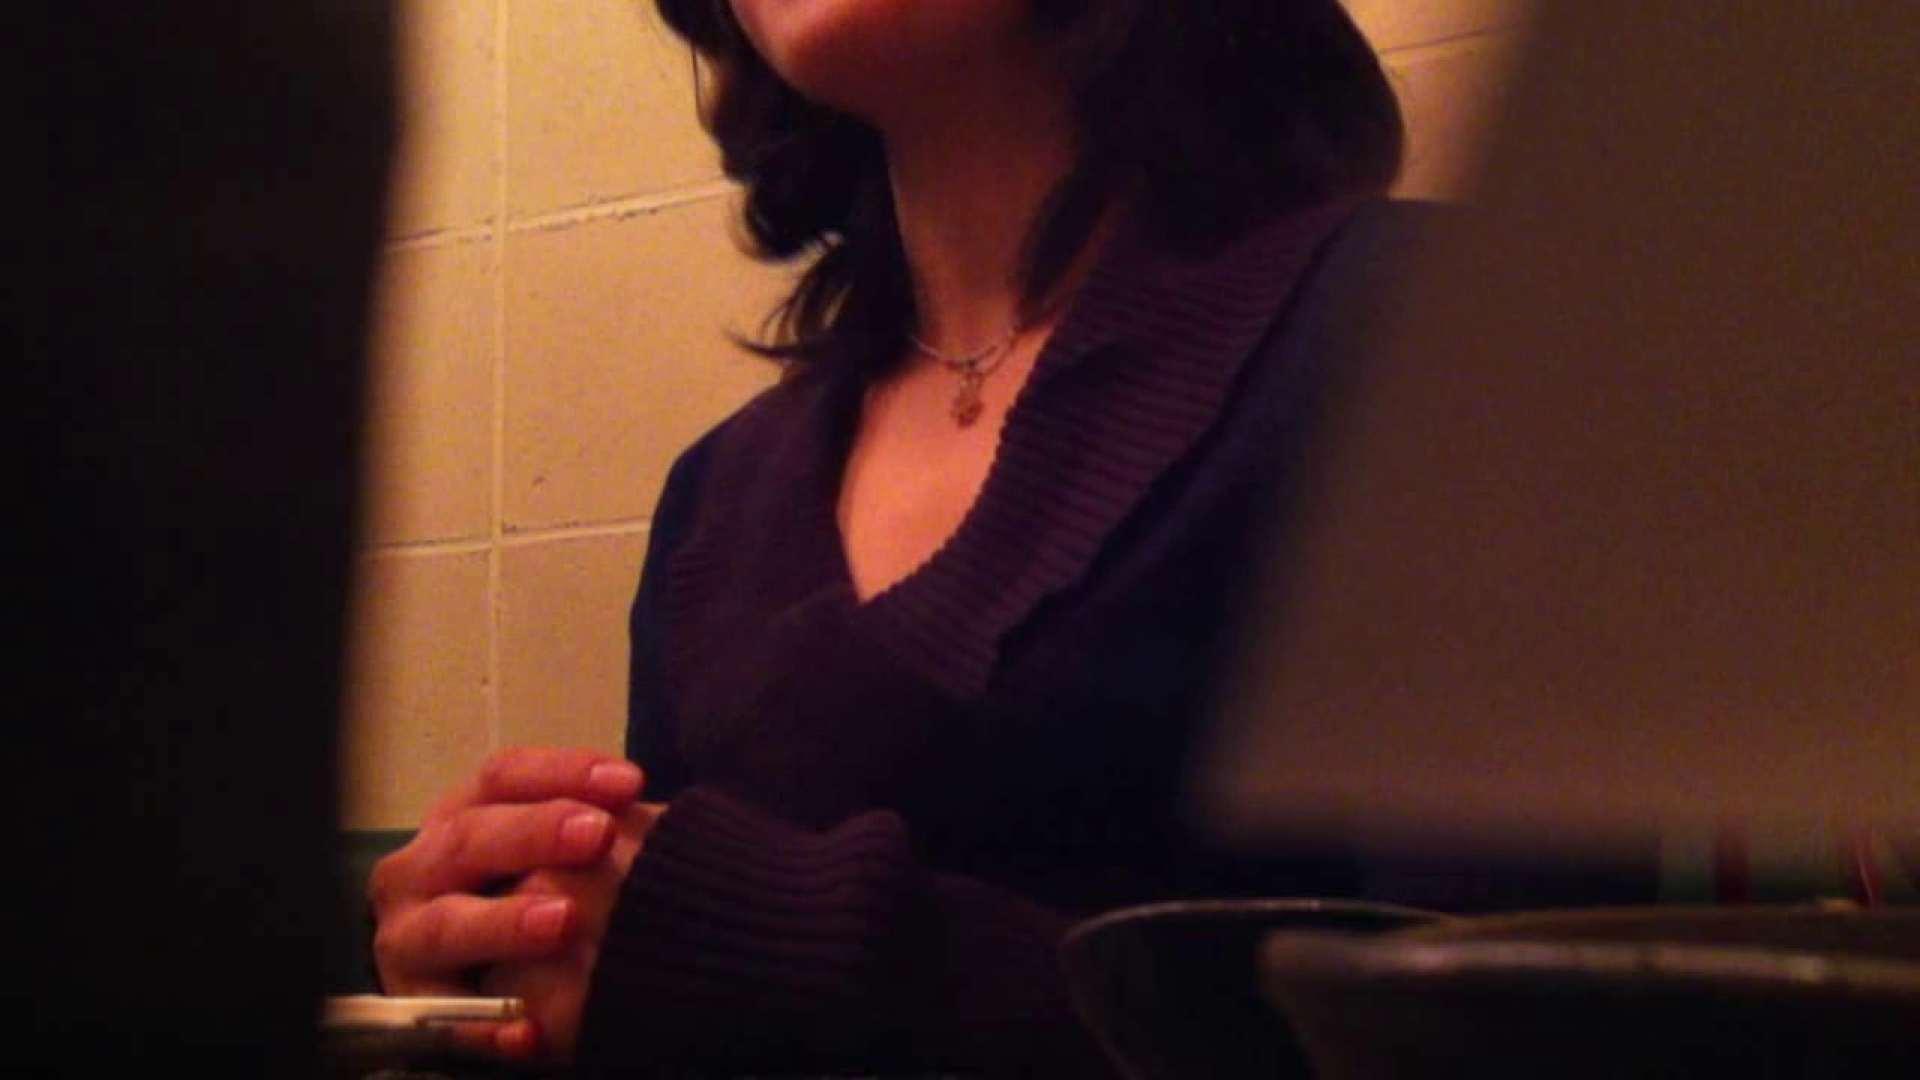 32才バツイチ子持ち現役看護婦じゅんこの変態願望Vol.1 ホテル隠し撮り  104pic 16